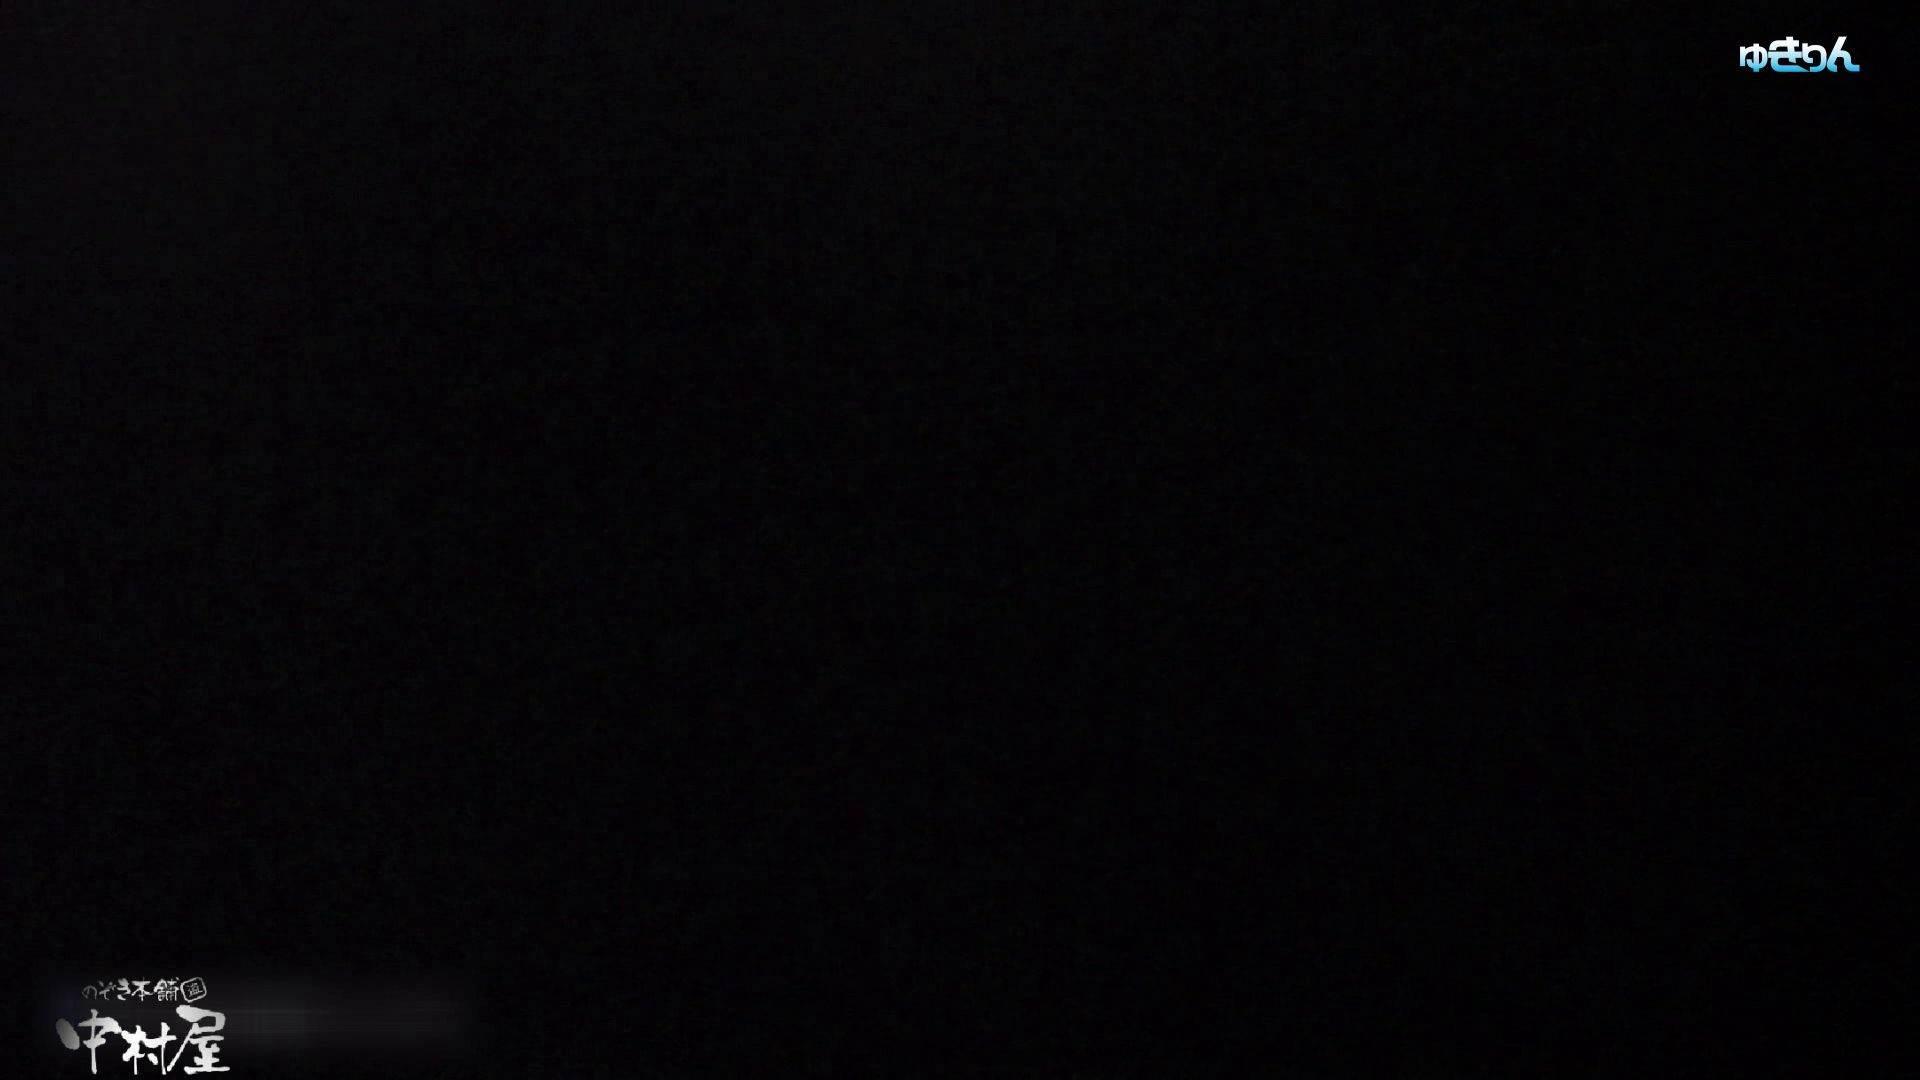 世界の射窓から~ステーション編 vol61 レベルアップ!!画質アップ、再発進 OLハメ撮り  77Pix 74